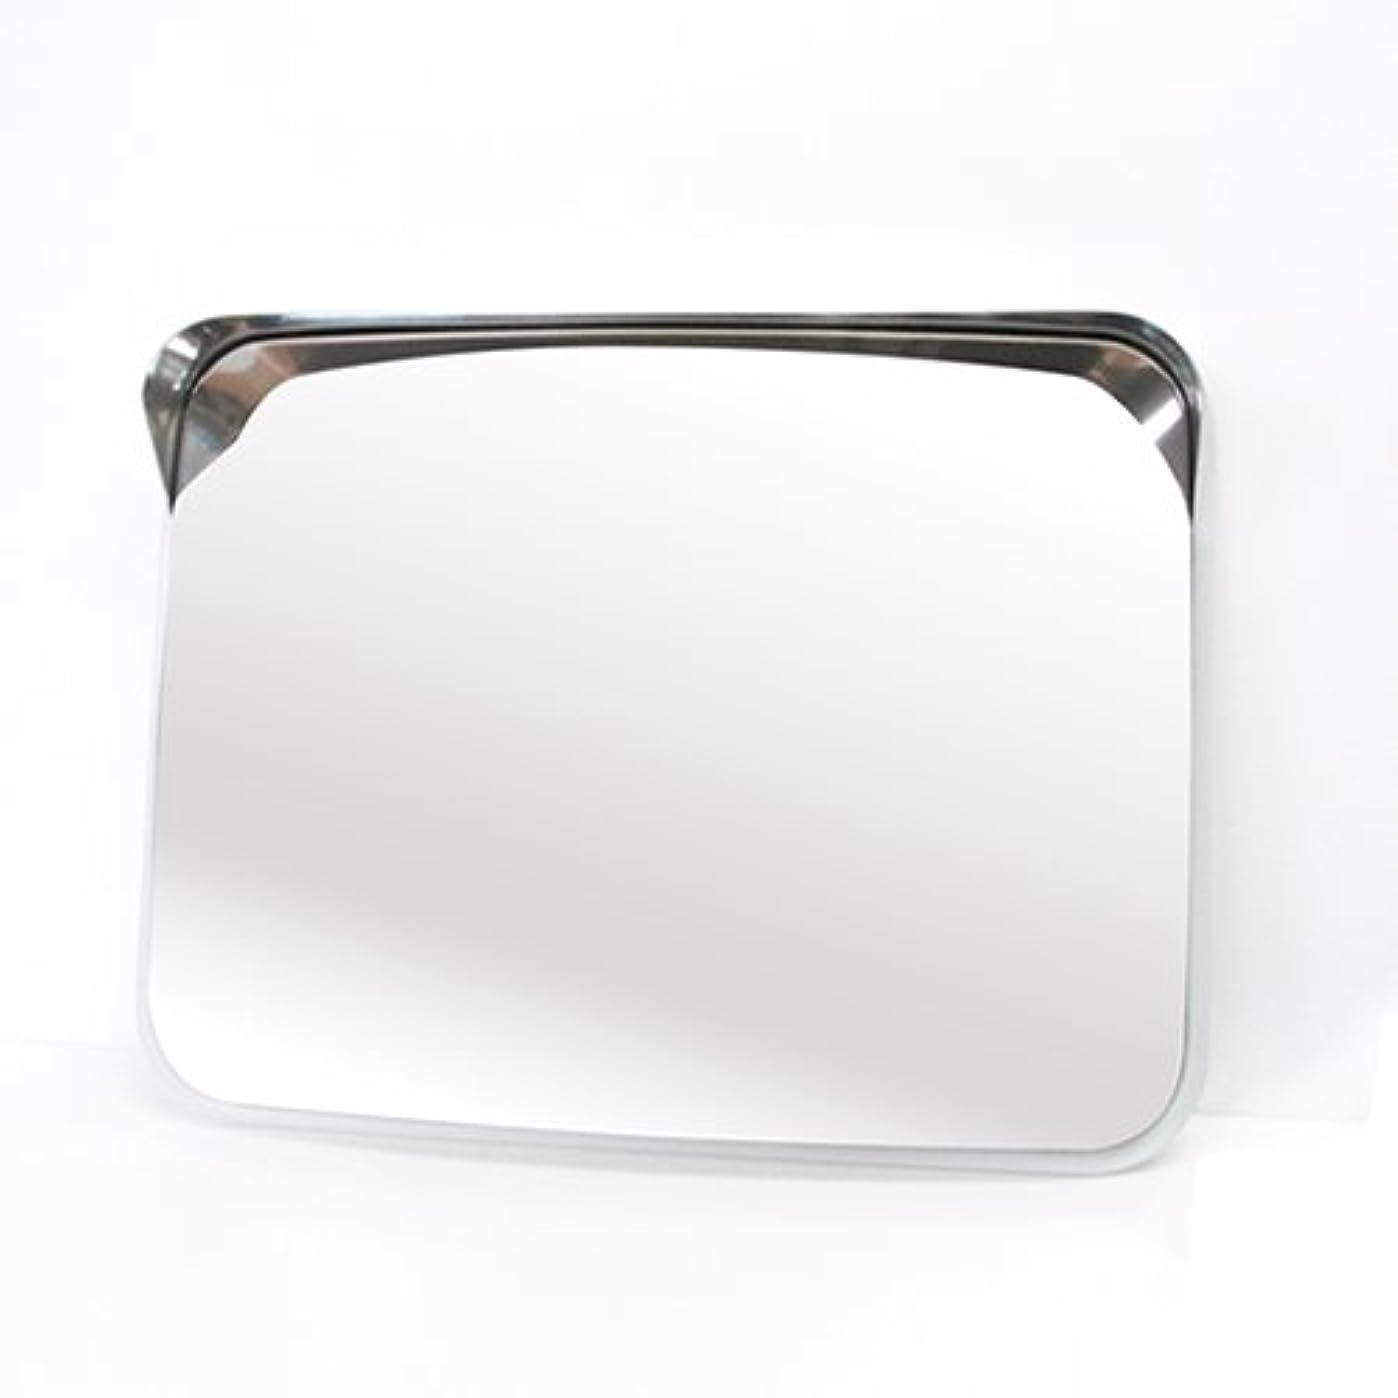 マニュアルコマンドエスカレーターホップ ステンレス製 カーブミラー ガレージミラー 角型48.5cm×37.5cm HPS-角50グレー 日本製